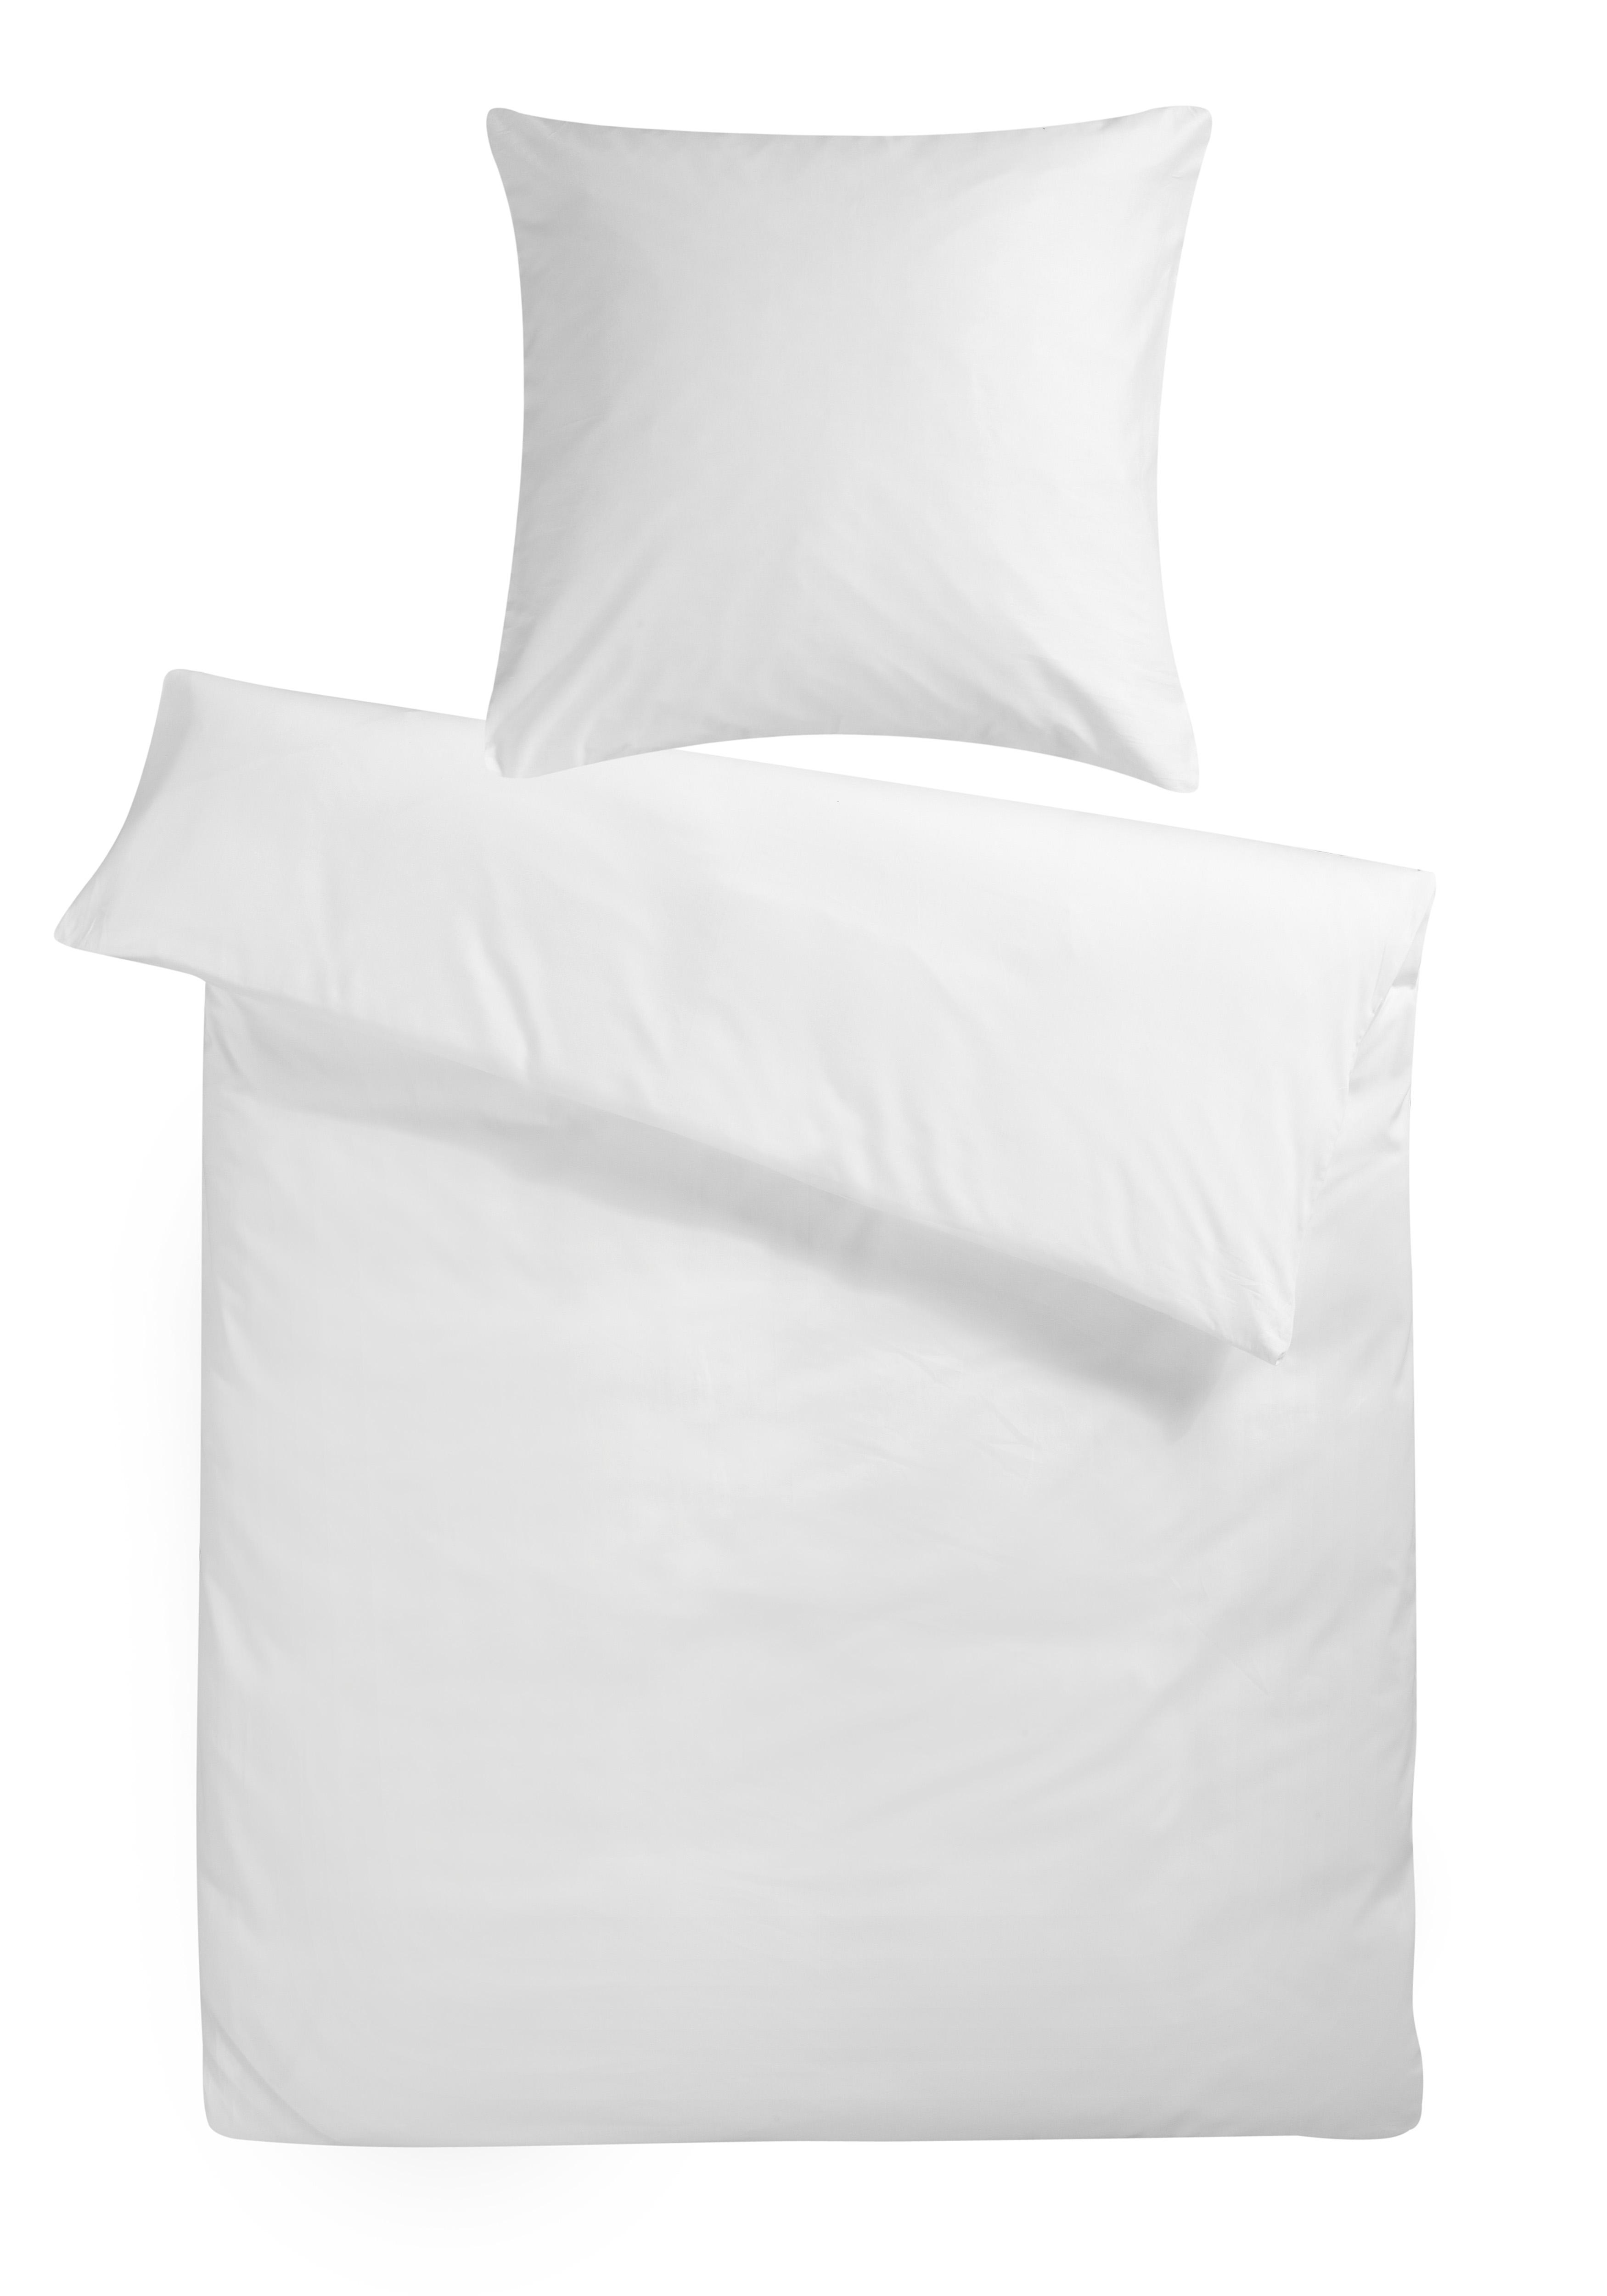 Mako Satin Bettwäsche Weiß Uni Aus 100 Baumwolle